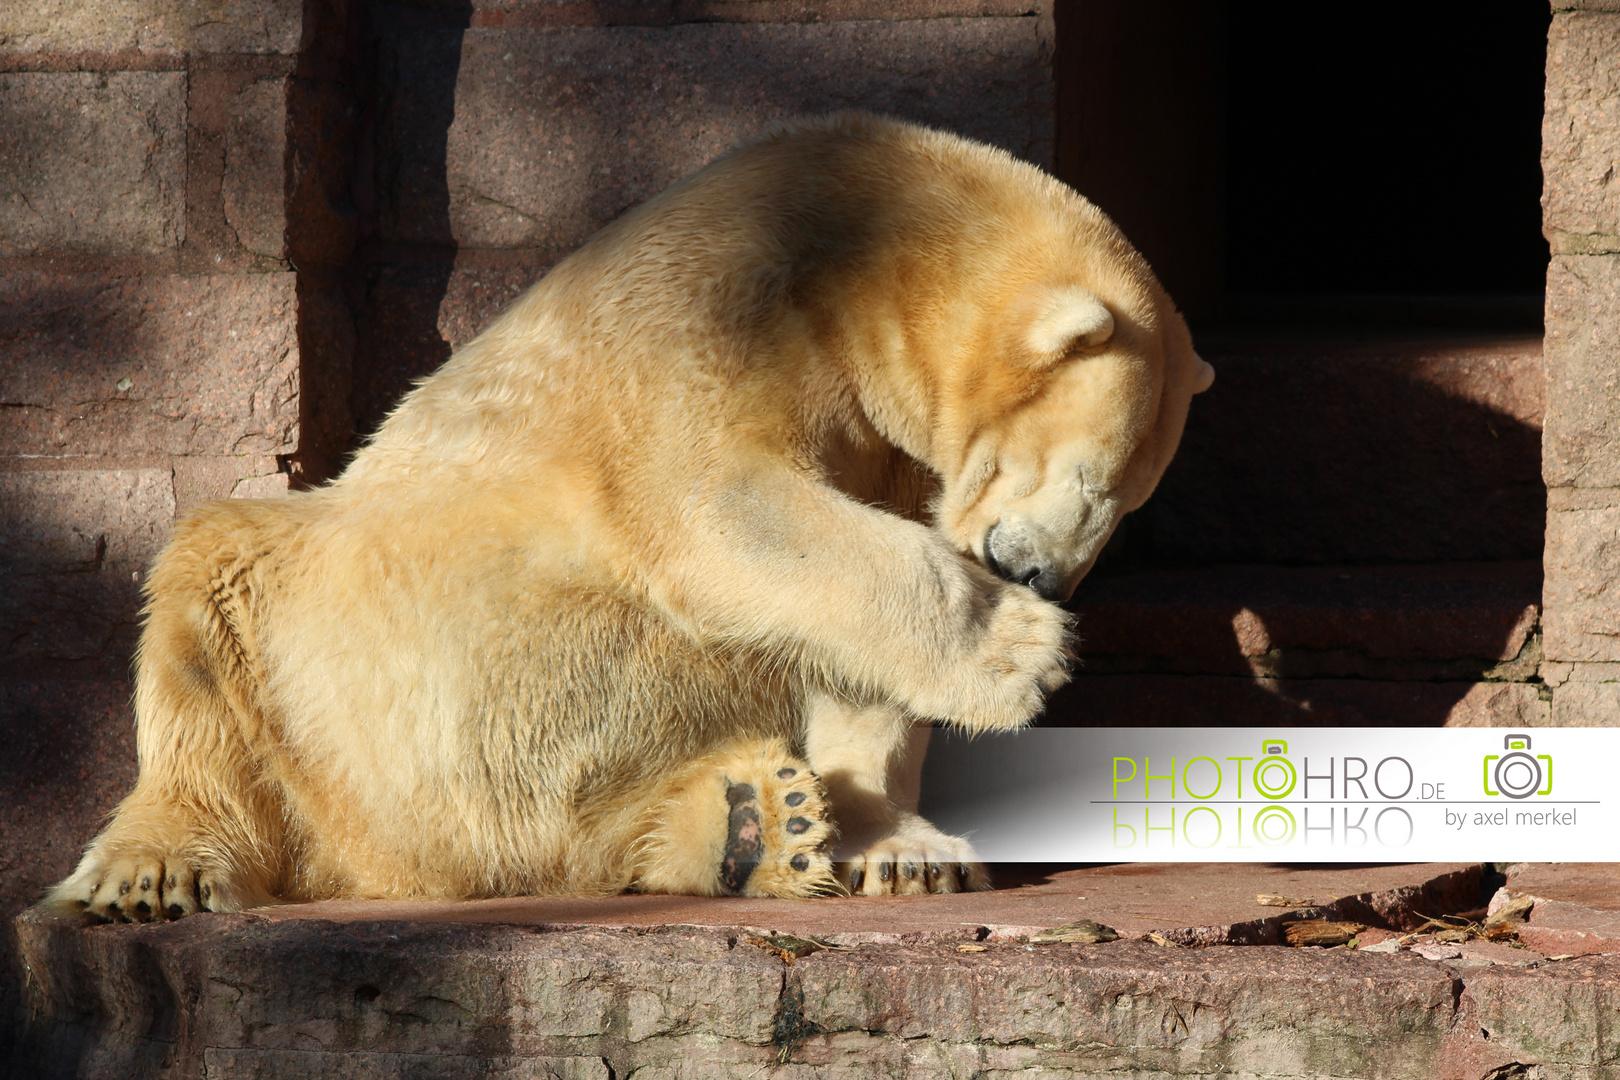 Eisbären können sich auch freuen!